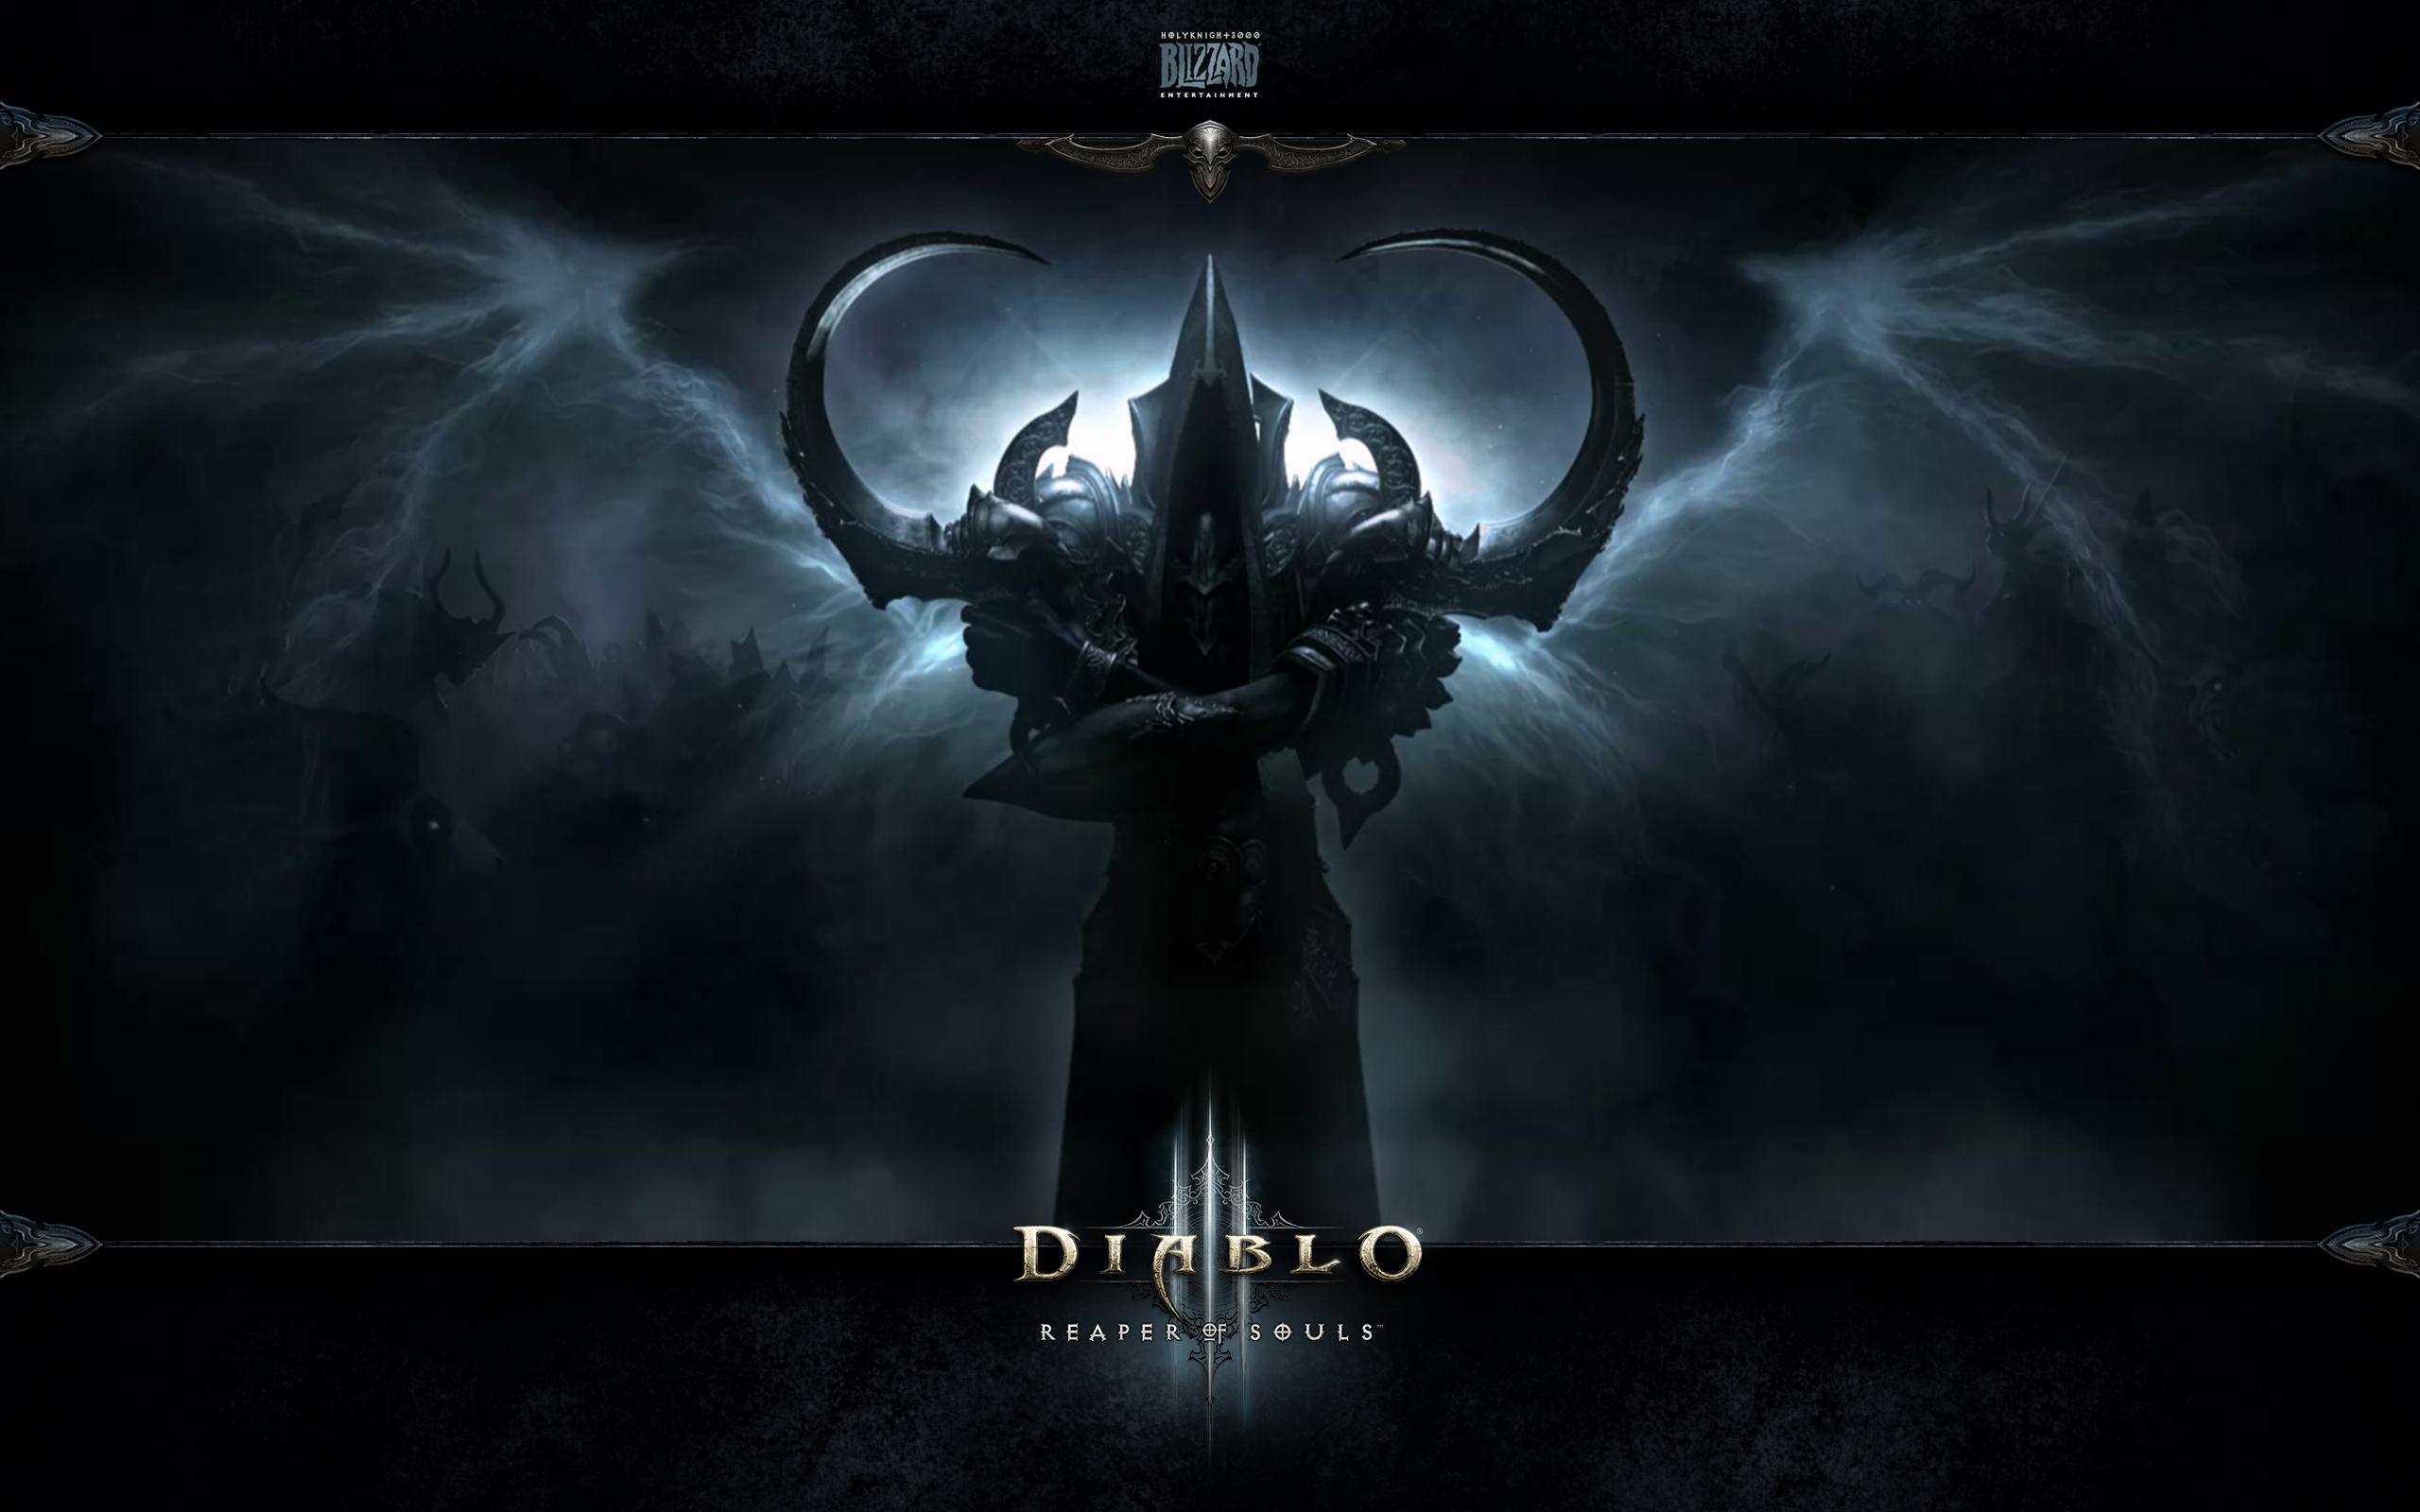 diablo iii reaper of souls computer wallpapers desktop